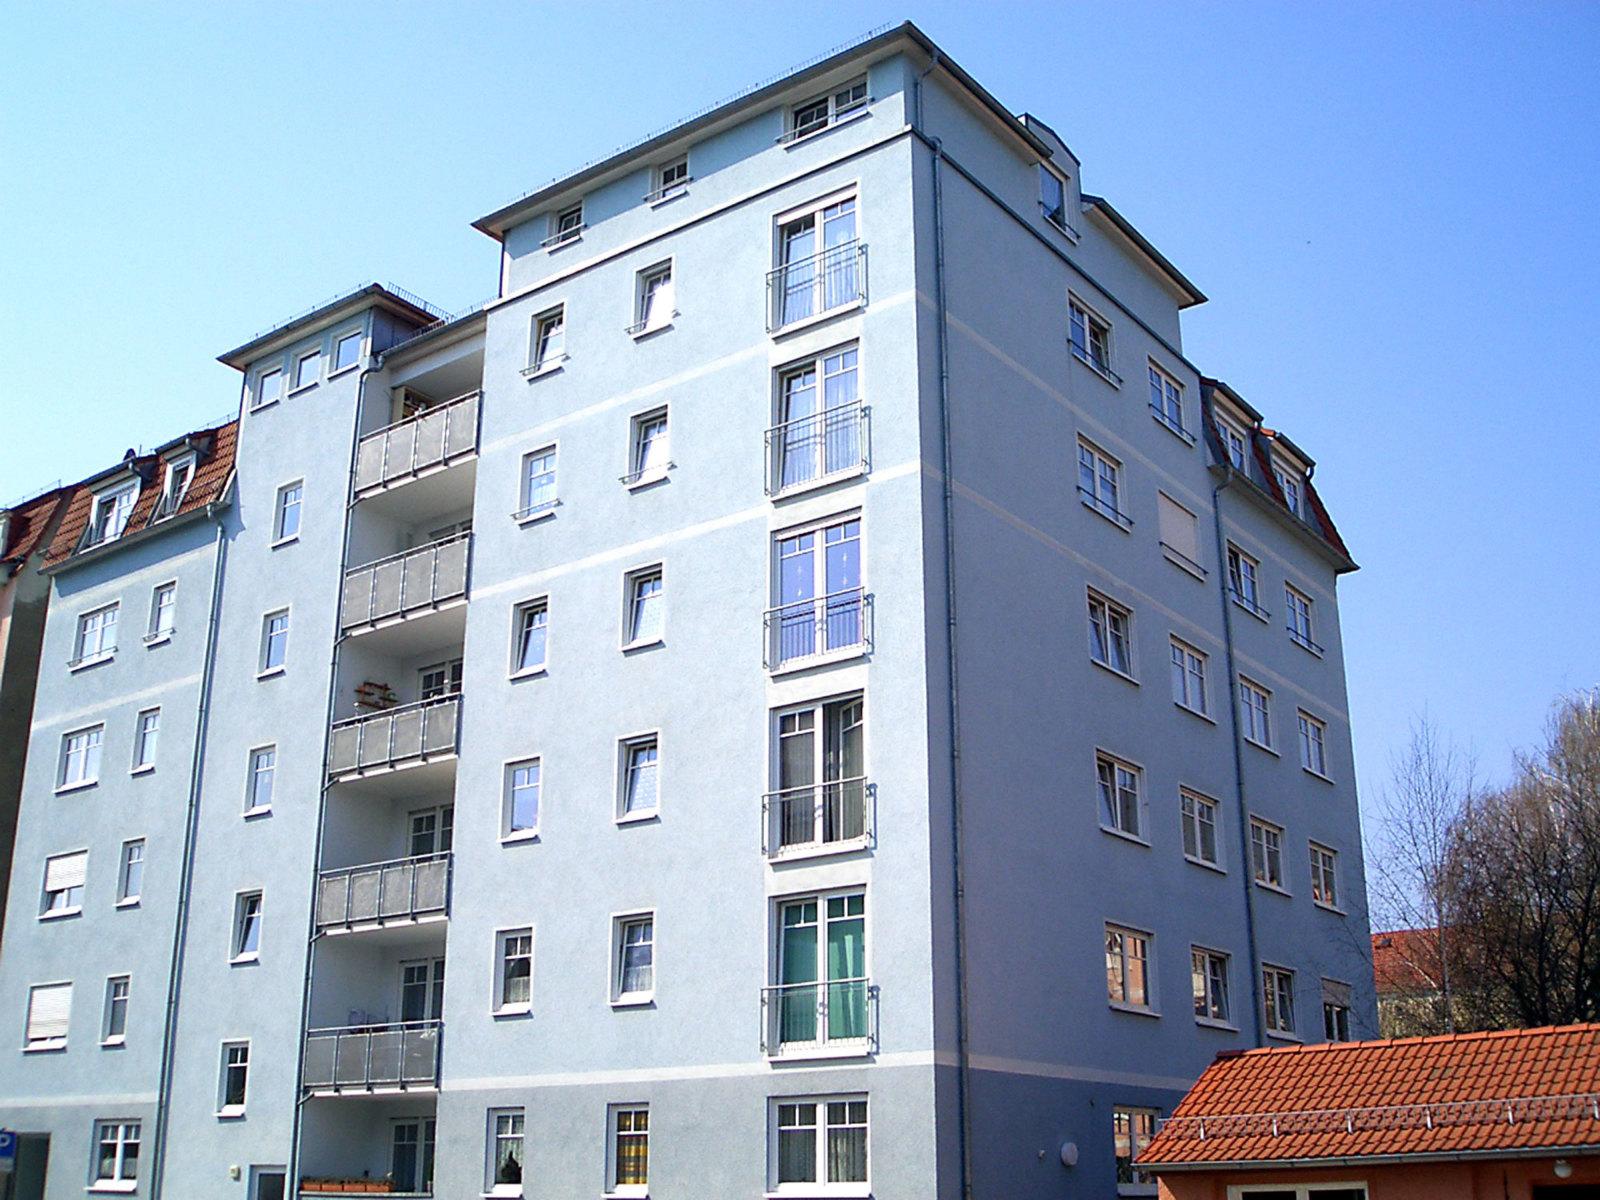 11 Eigentumswohnungen